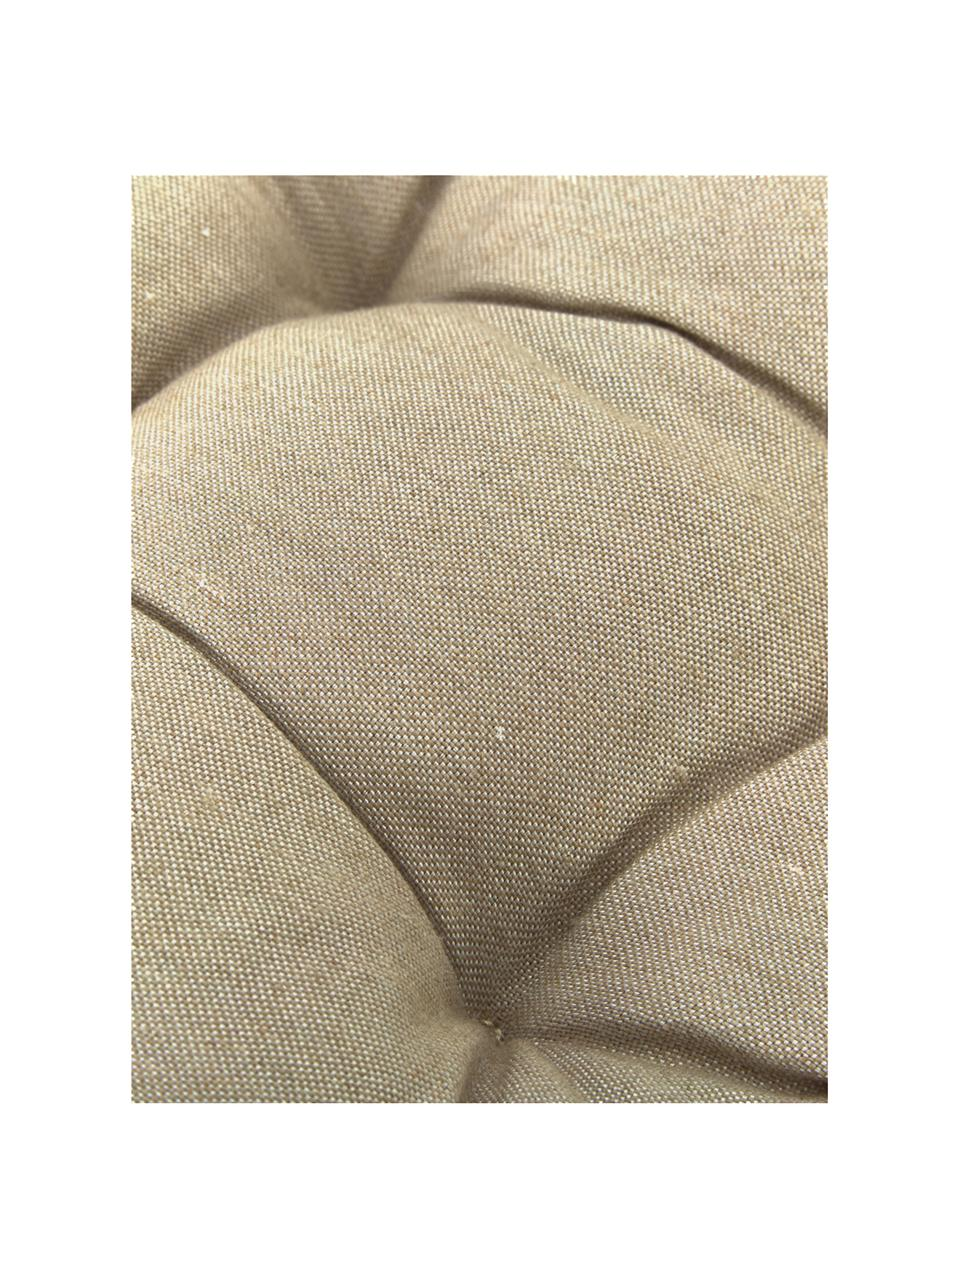 Poduszka na krzesło Panama, Tapicerka: 50% bawełna, 45% polieste, Odcienie piaskowego, S 45 x D 45 cm